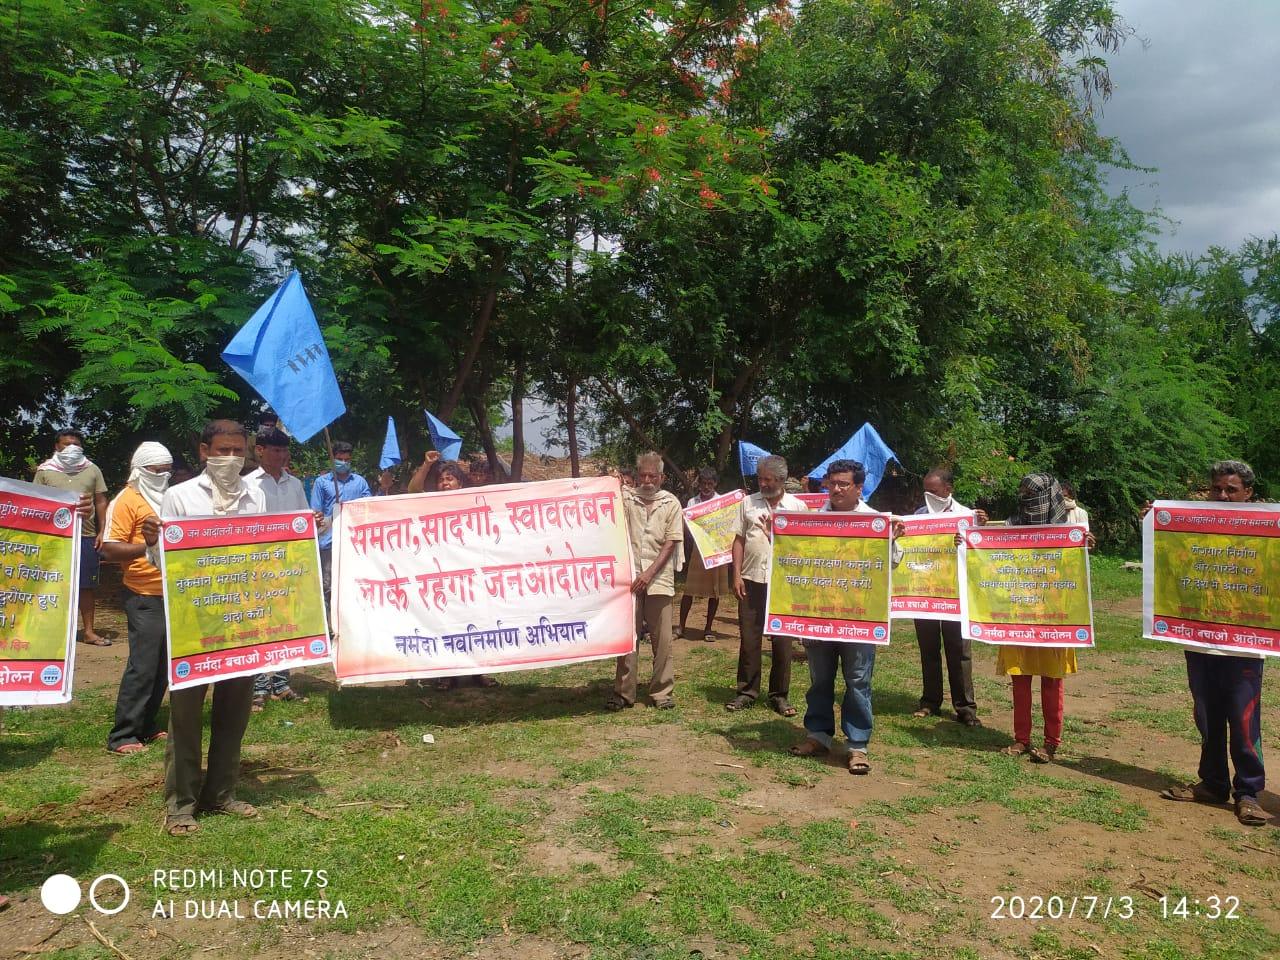 श्रमिक संगठनों के साथ आए किसान संगठन, कोयला श्रमिकों की हड़ताल का भी समर्थन